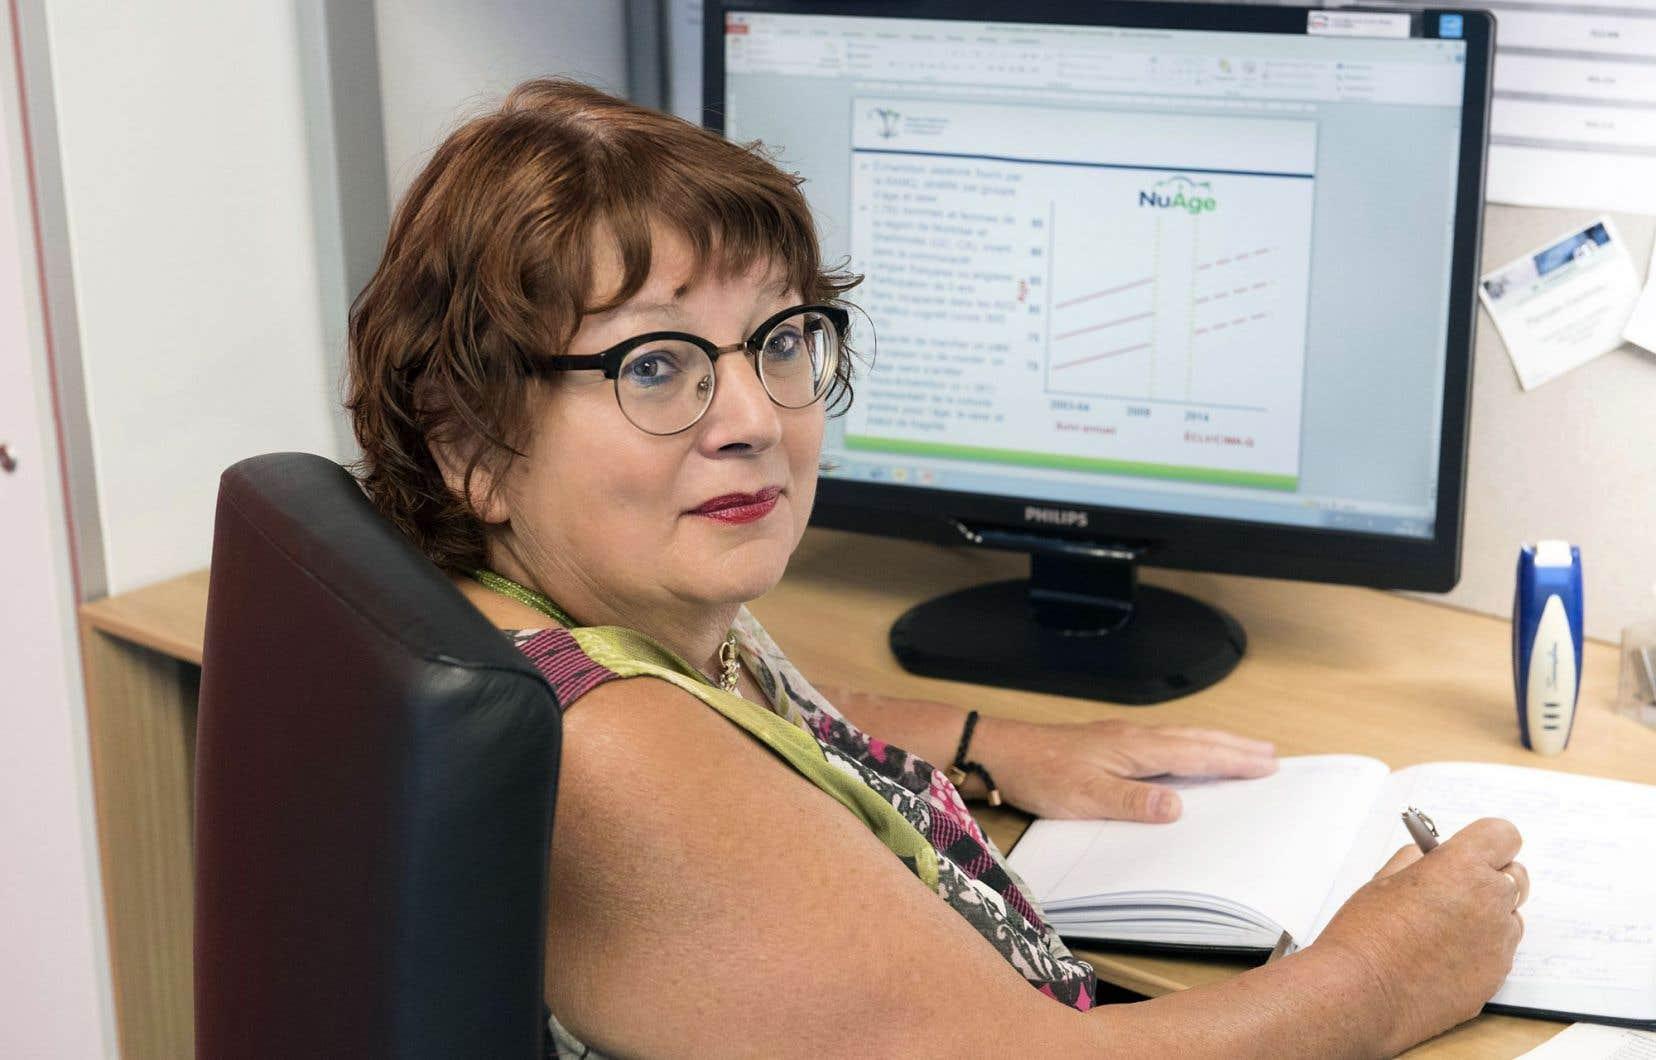 La professeure titulaire au Département de médecine de l'Université de Montréal et directrice du Réseau québécois de recherche sur le vieillissement, Pierrette Gaudreau